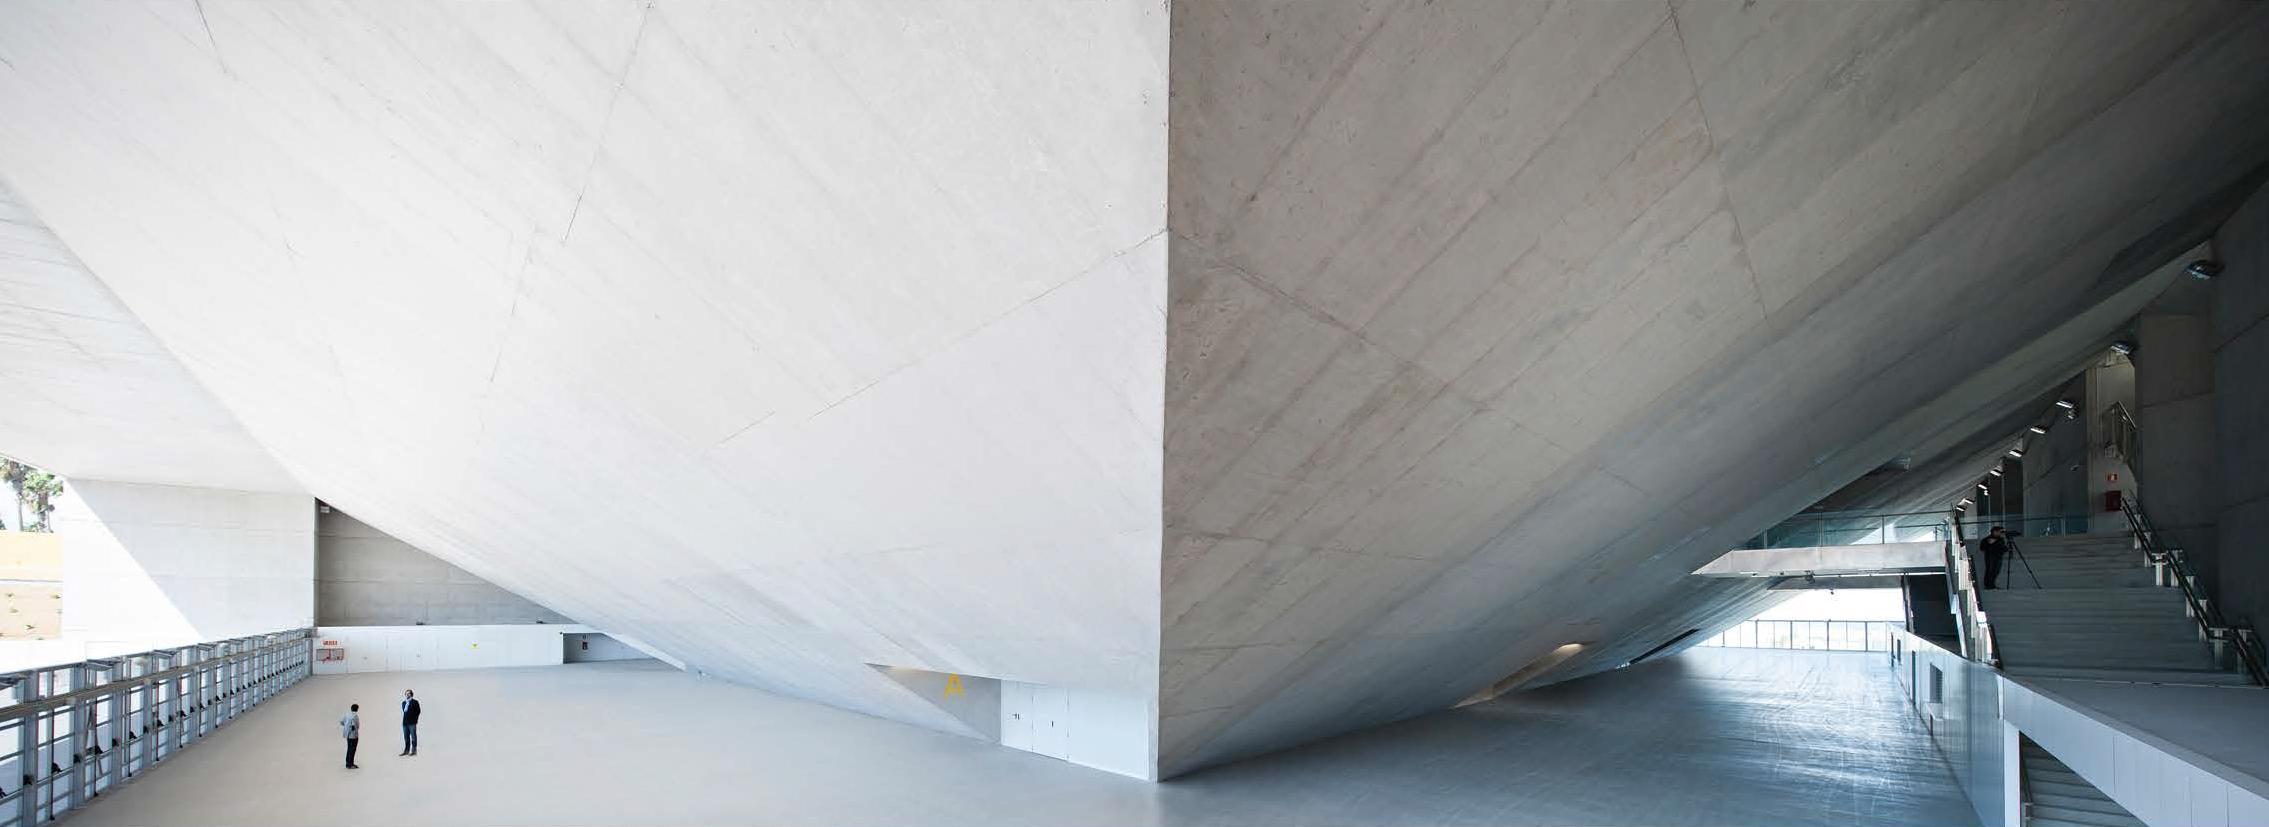 XIII-BEAU - España - Premiado - Gran Canaria Arena. Palacio Multiusos